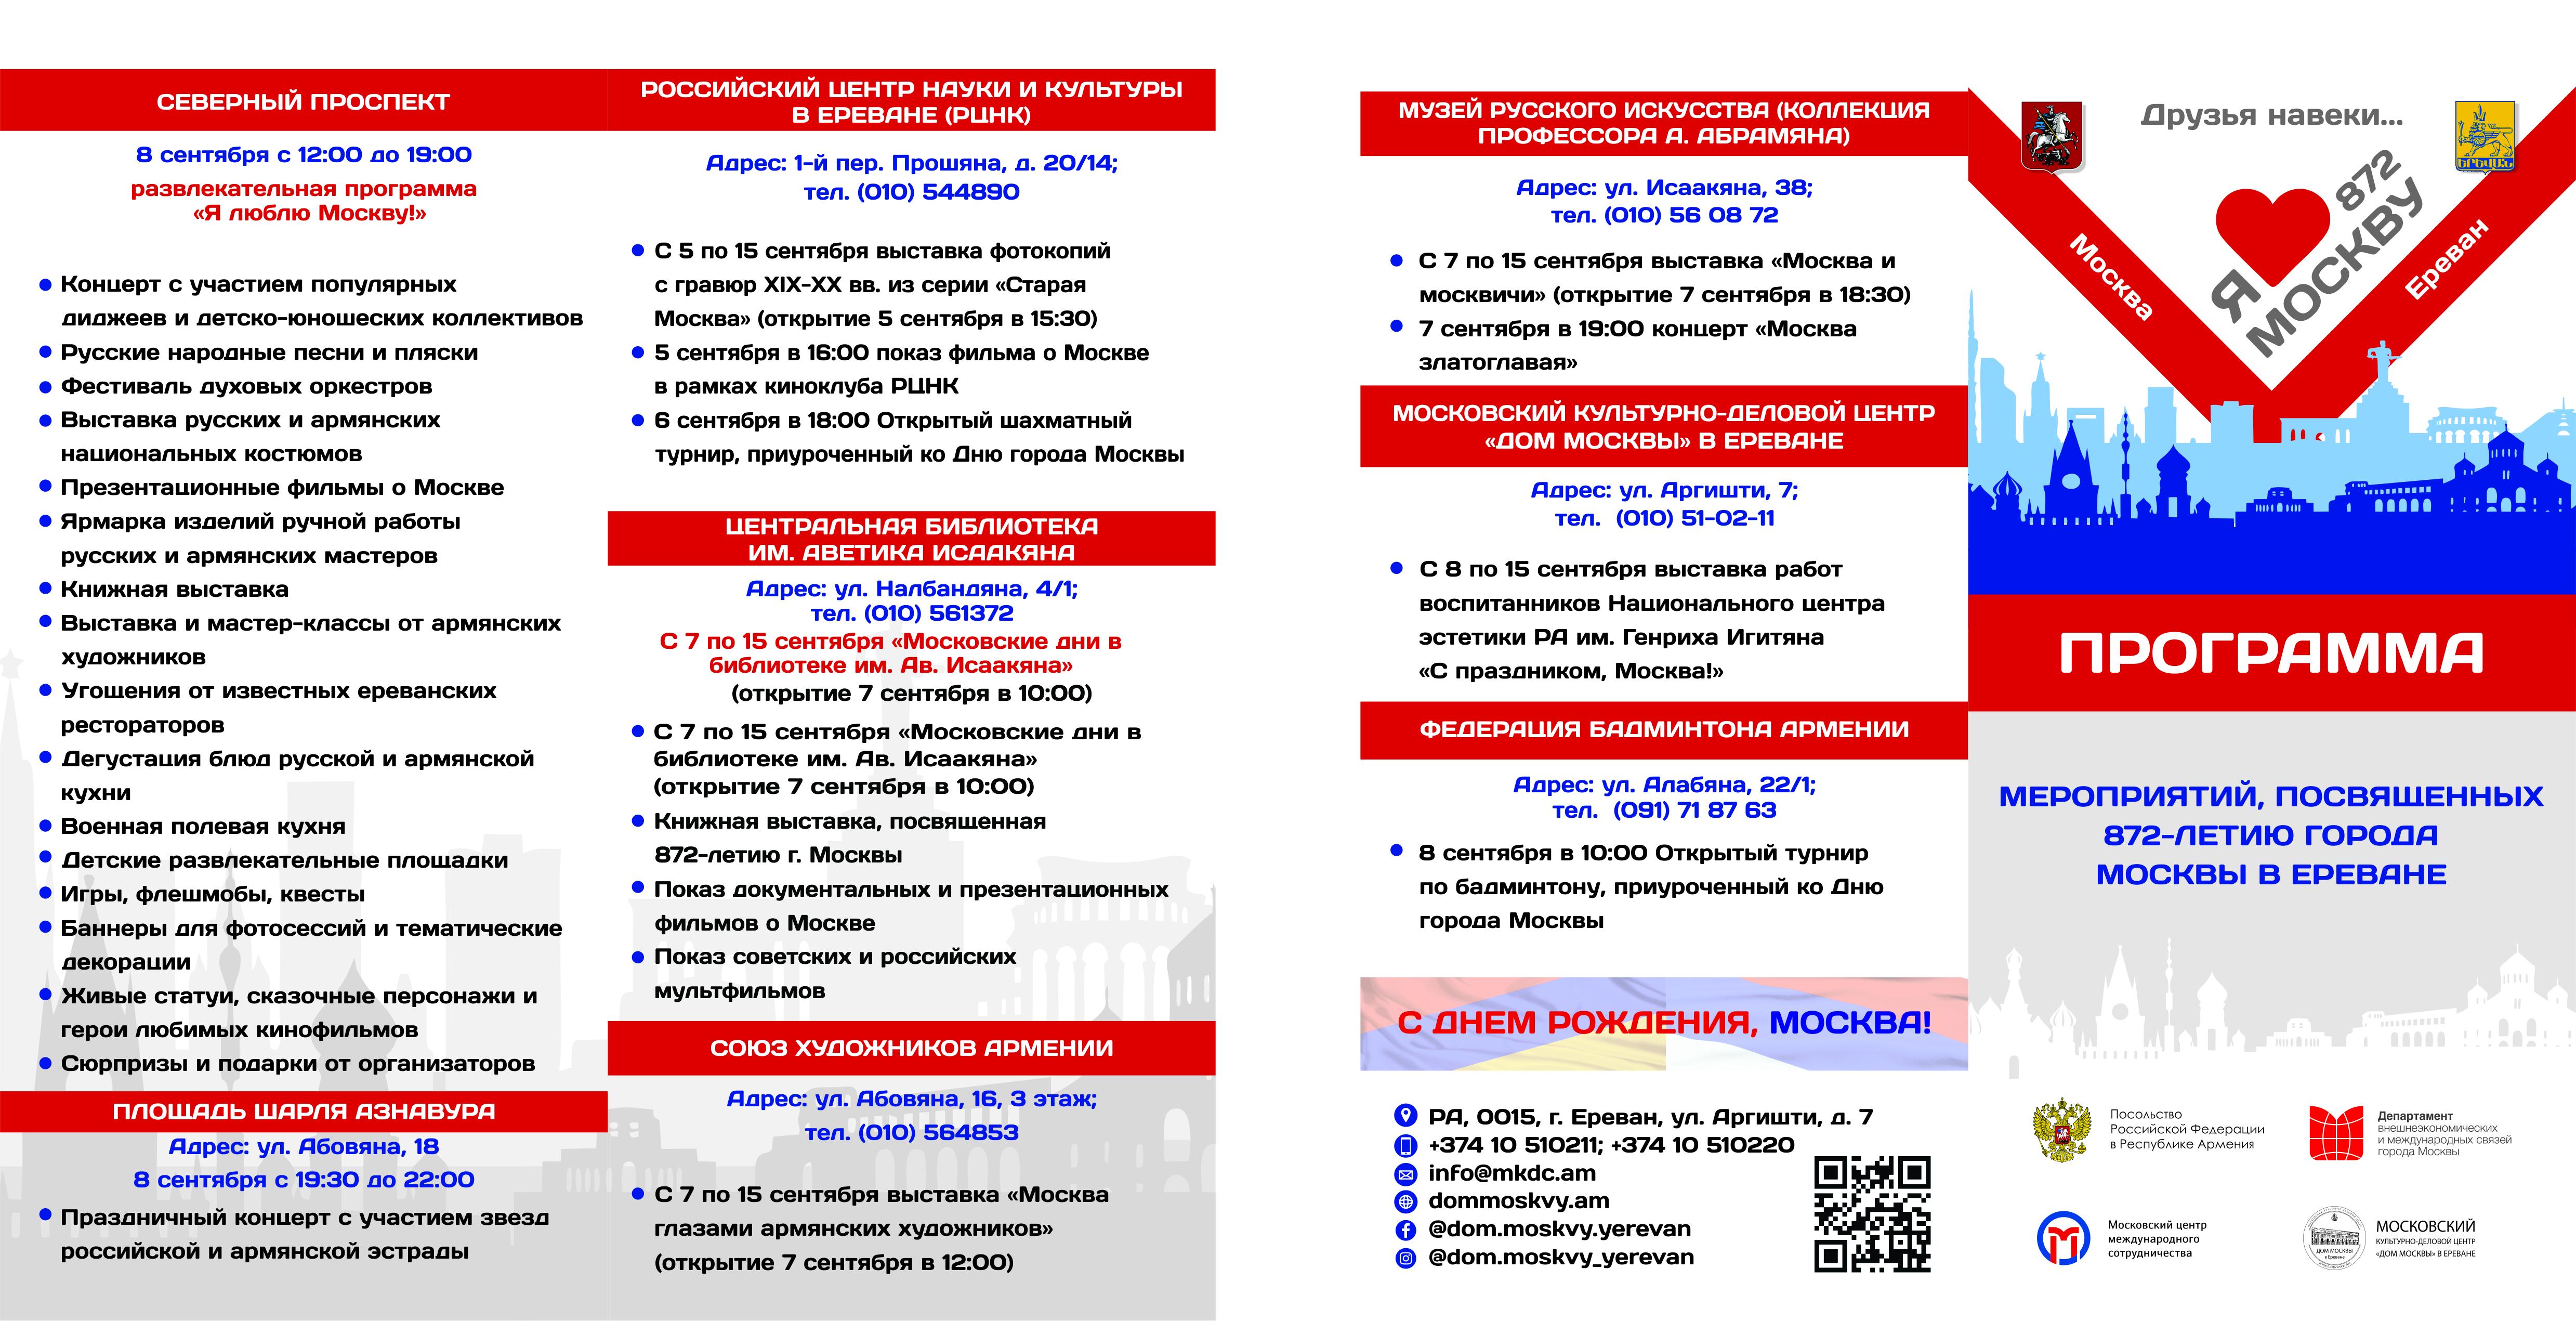 пресс-служба Московского культурно-делового центра «Дом Москвы» в Ереване